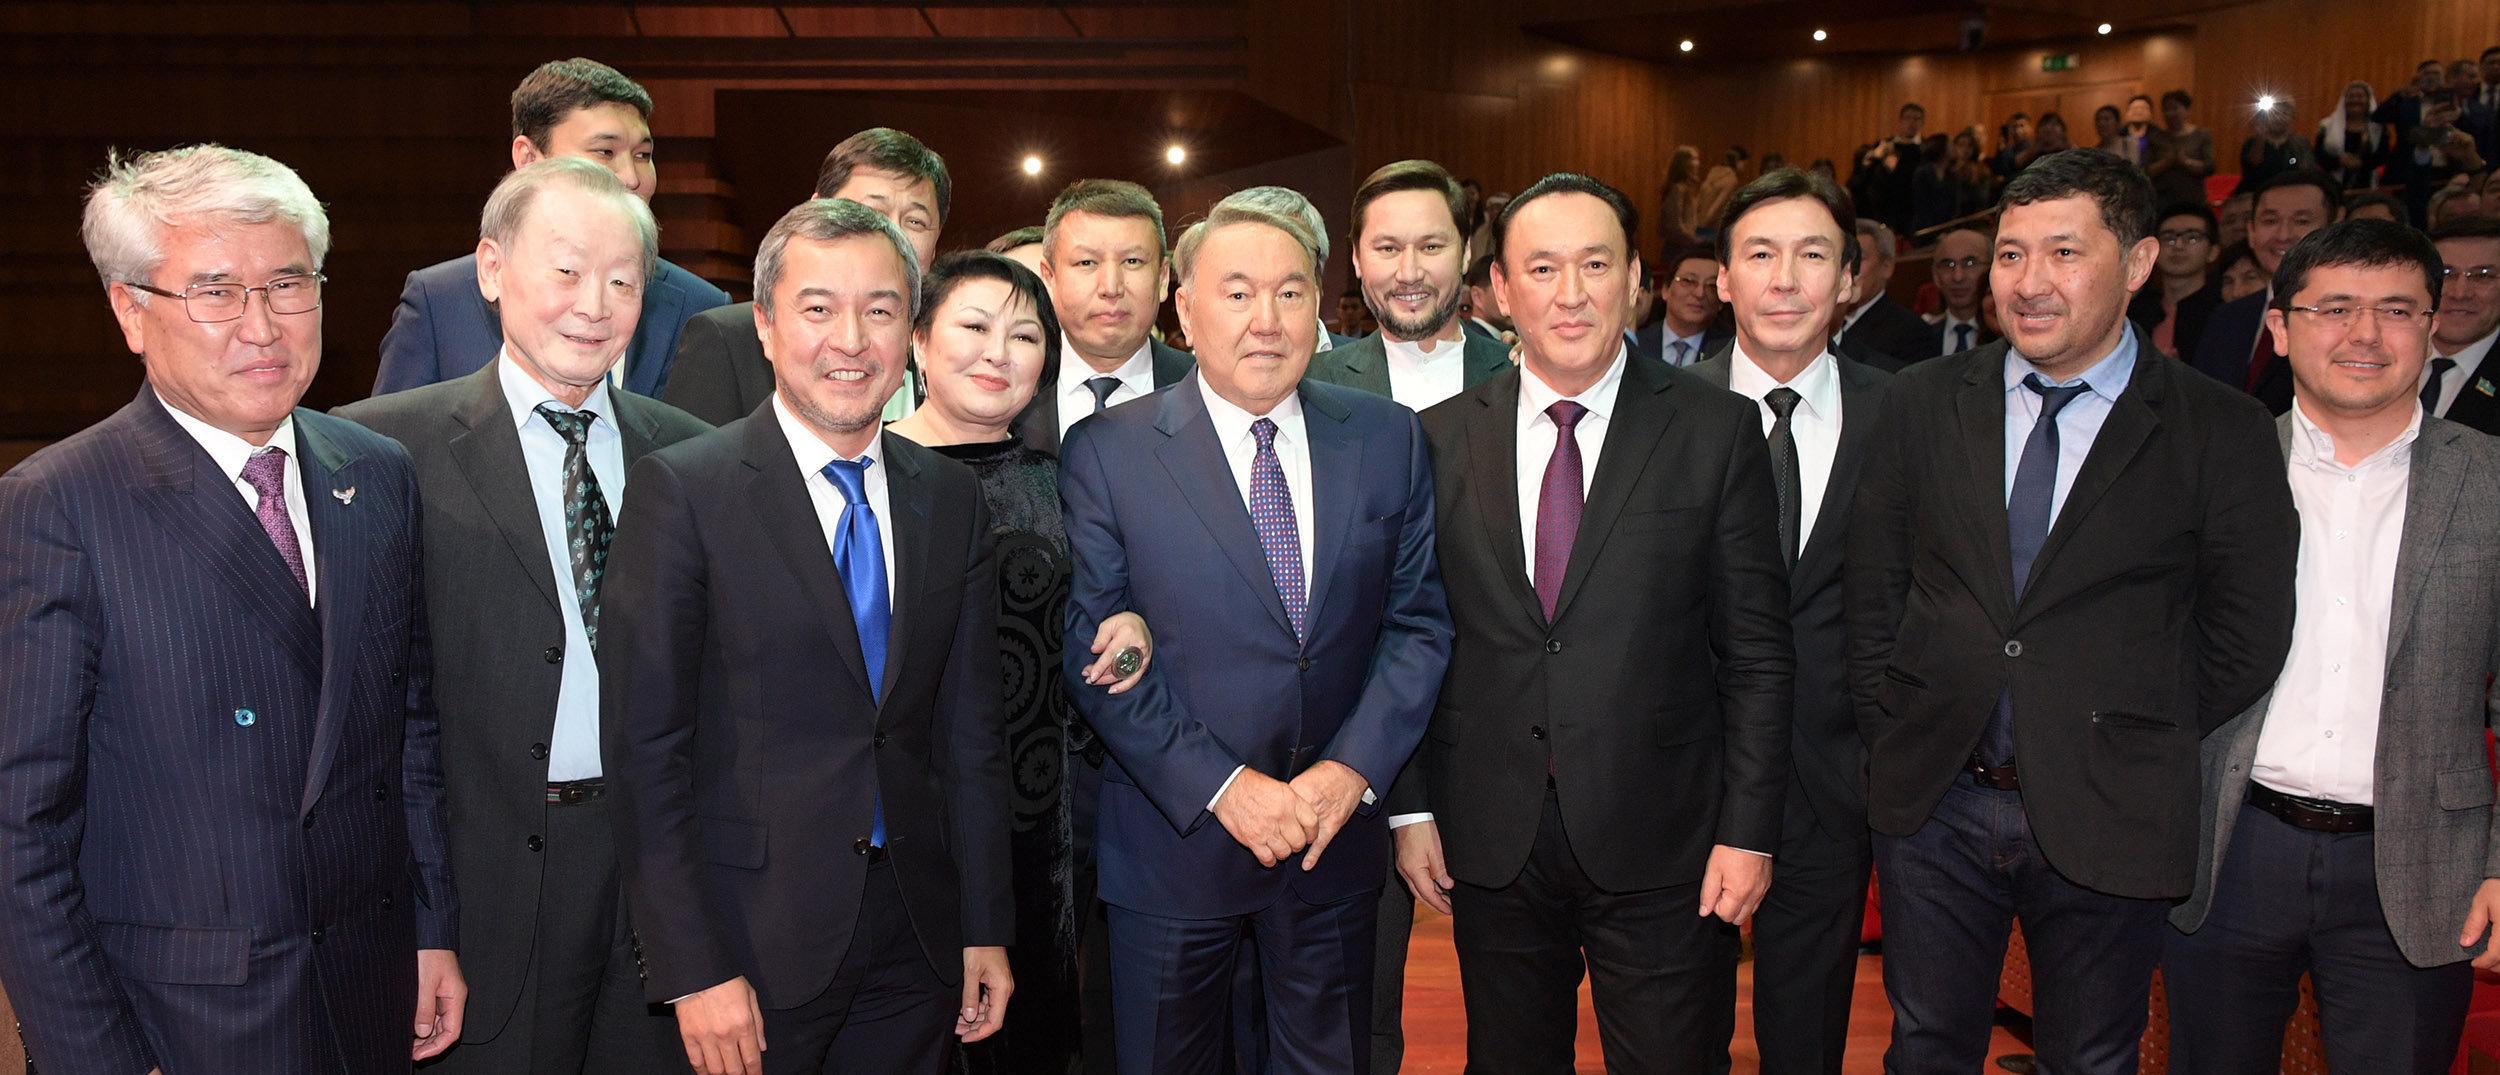 Қазақстан президенті Нұрсұлтан Назарбаев Елбасы жолы. Астана көркем фильмінің премьерасына барды